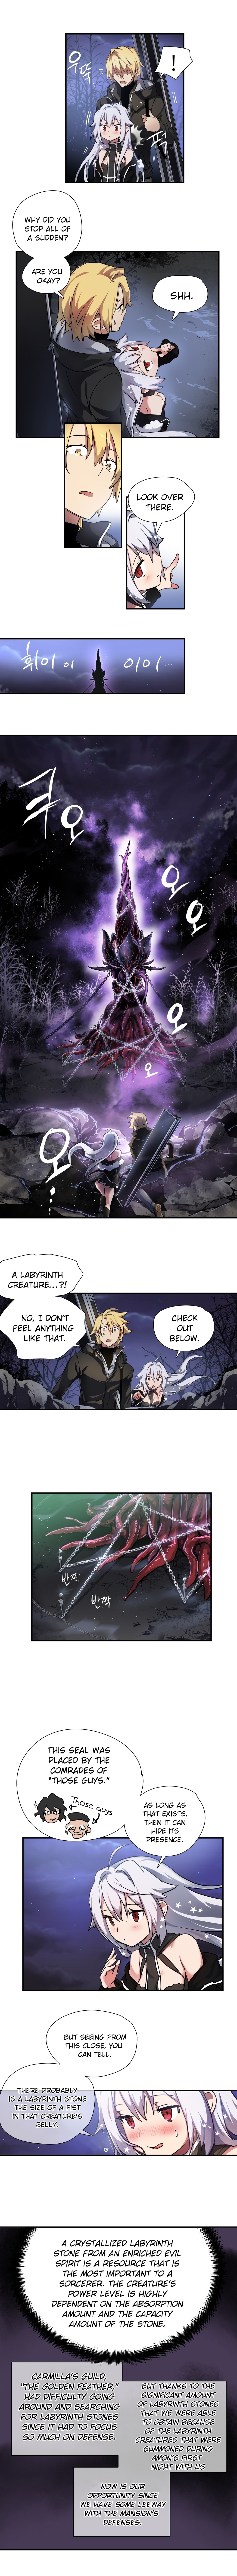 Narakarana - Chapter 18